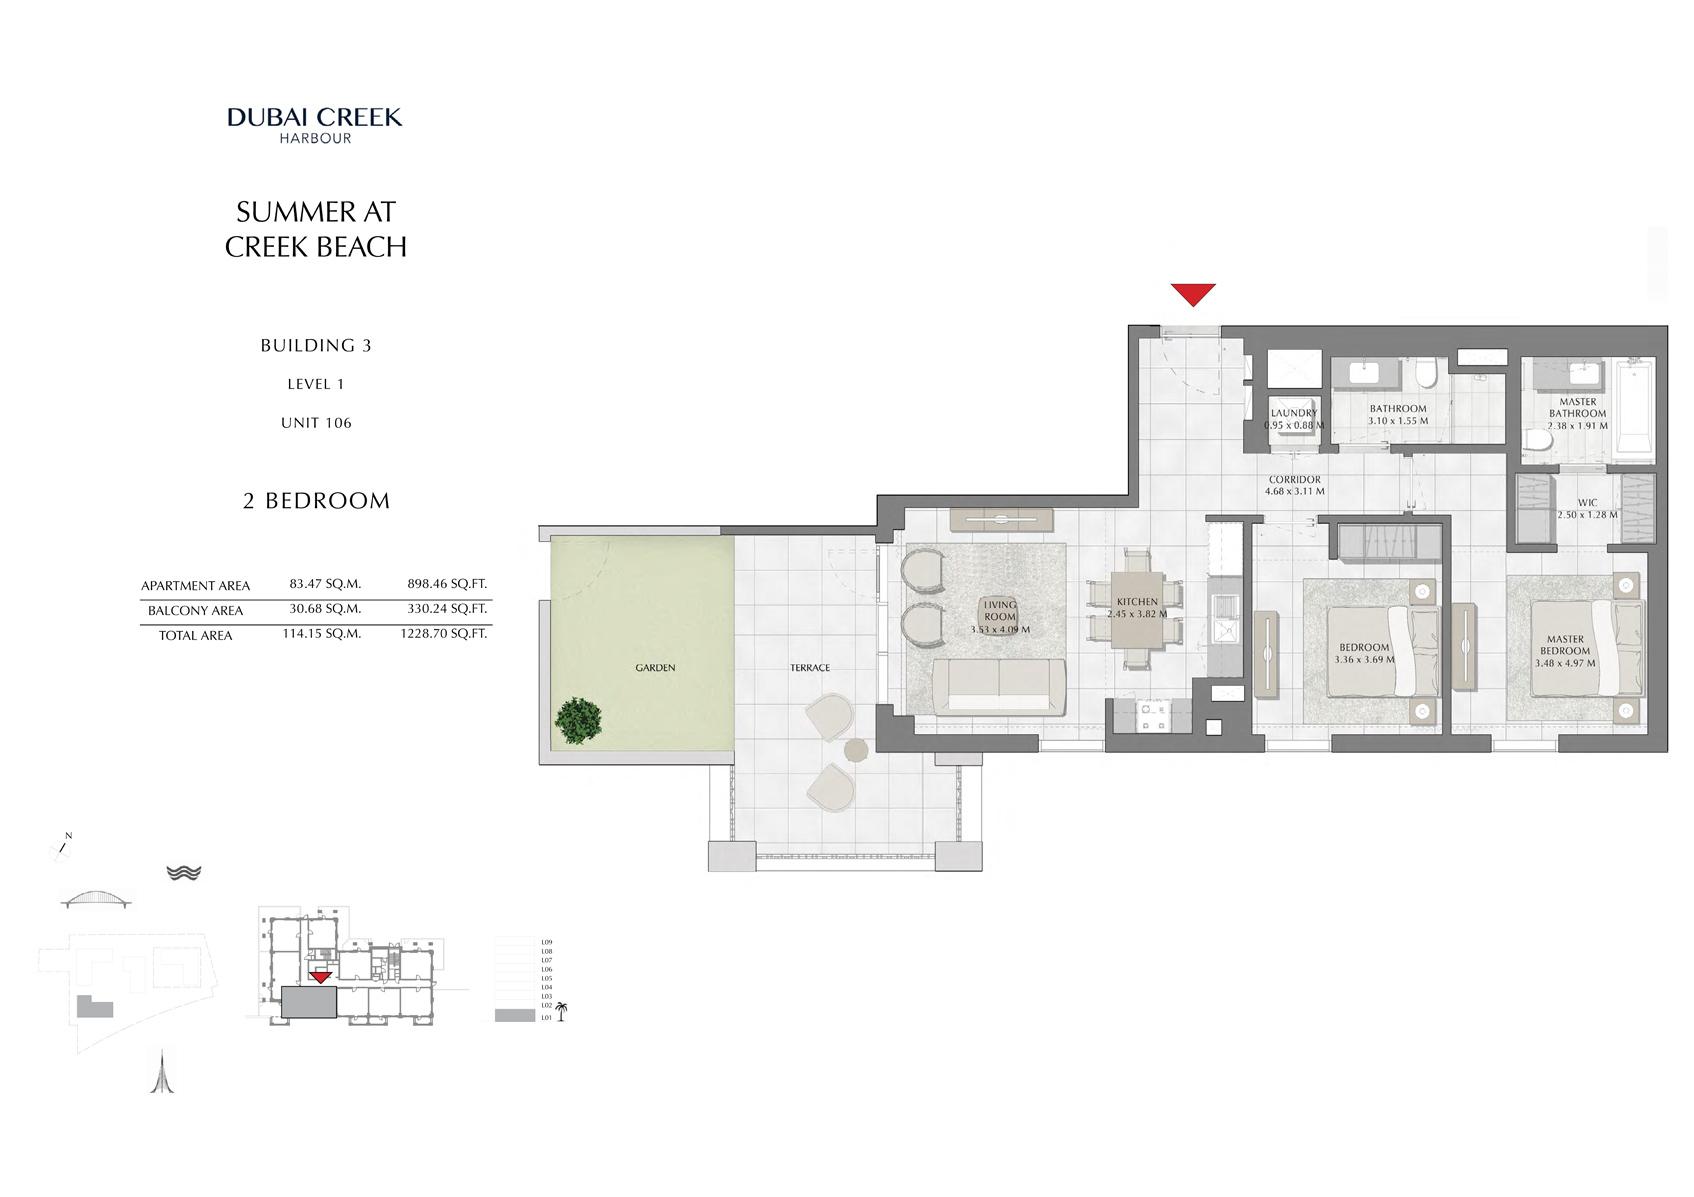 2 Br Building 3 Level 1 Unit 106, Size 1228 Sq Ft